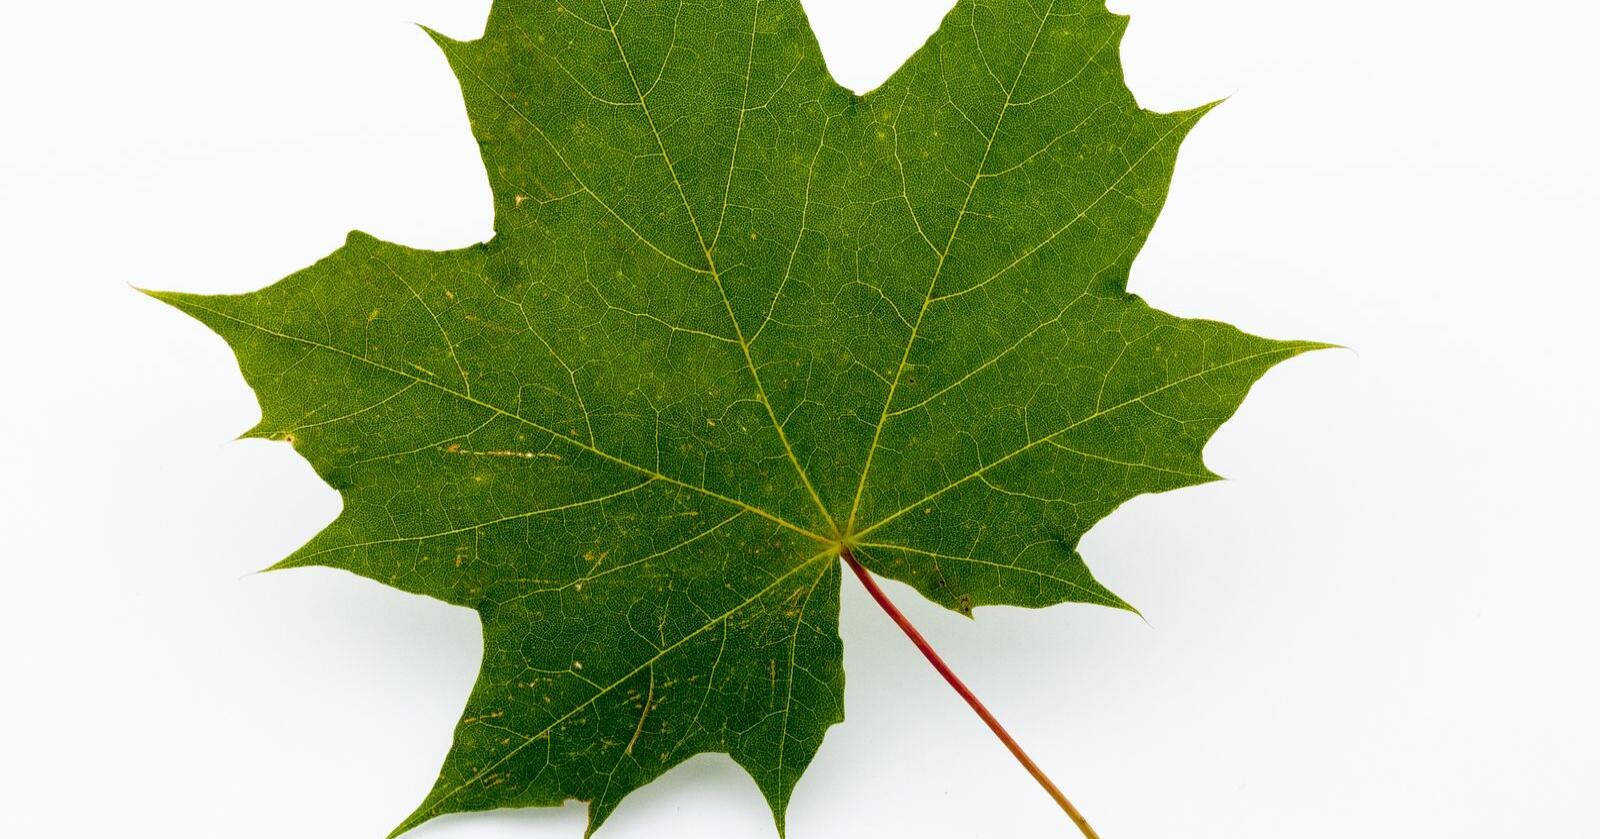 Store blader: De langstilkede bladene sitter parvis motsatt på kvistene og har flere spisse, tydelige lapper med få tenner i bladkanten. Foto: Dan Aamlid